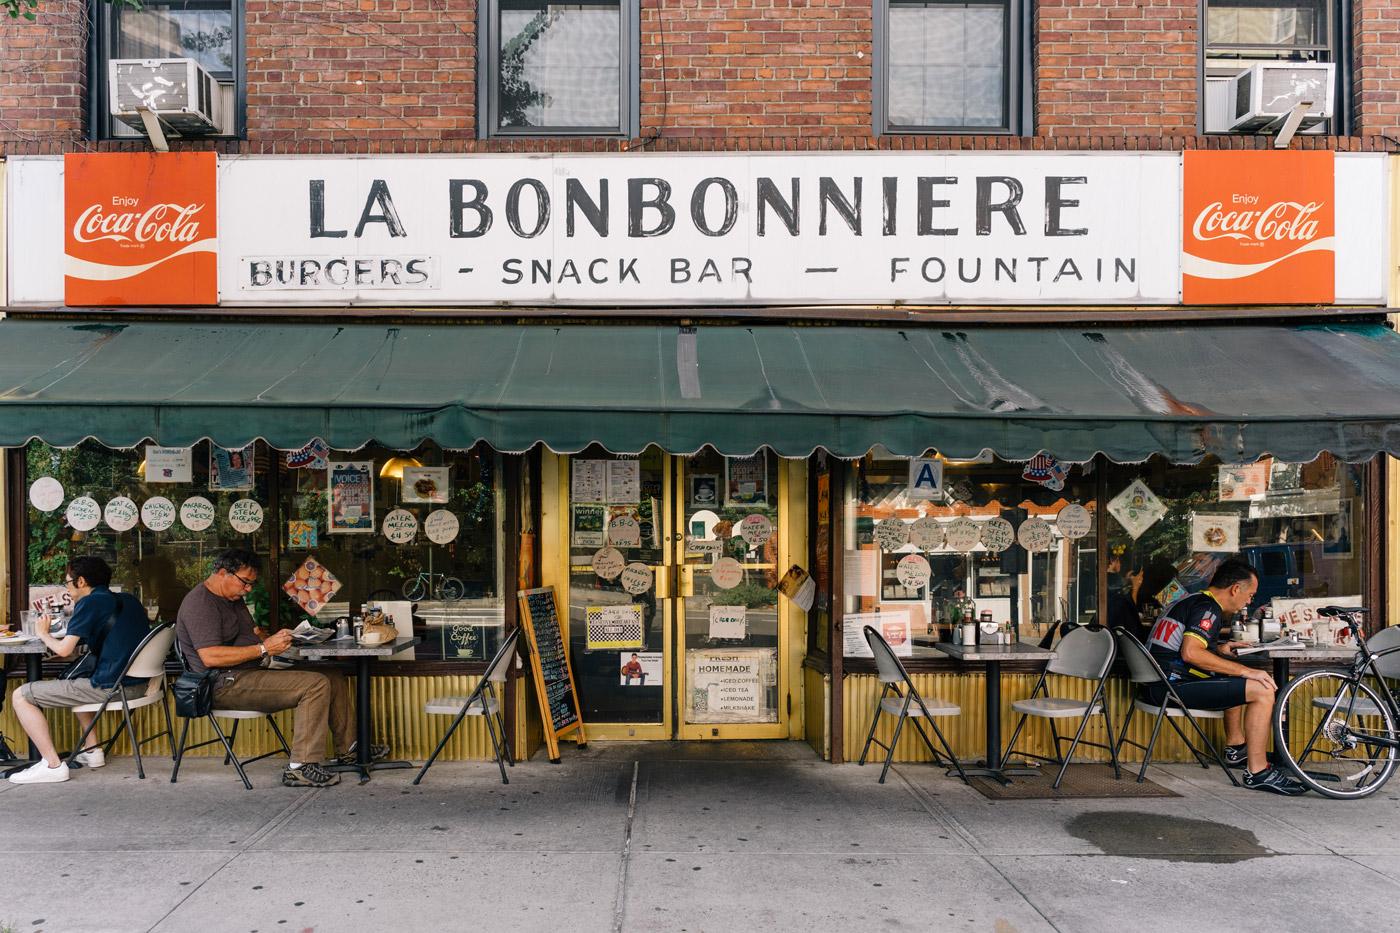 La Bonbonniere in West Village Manhattan